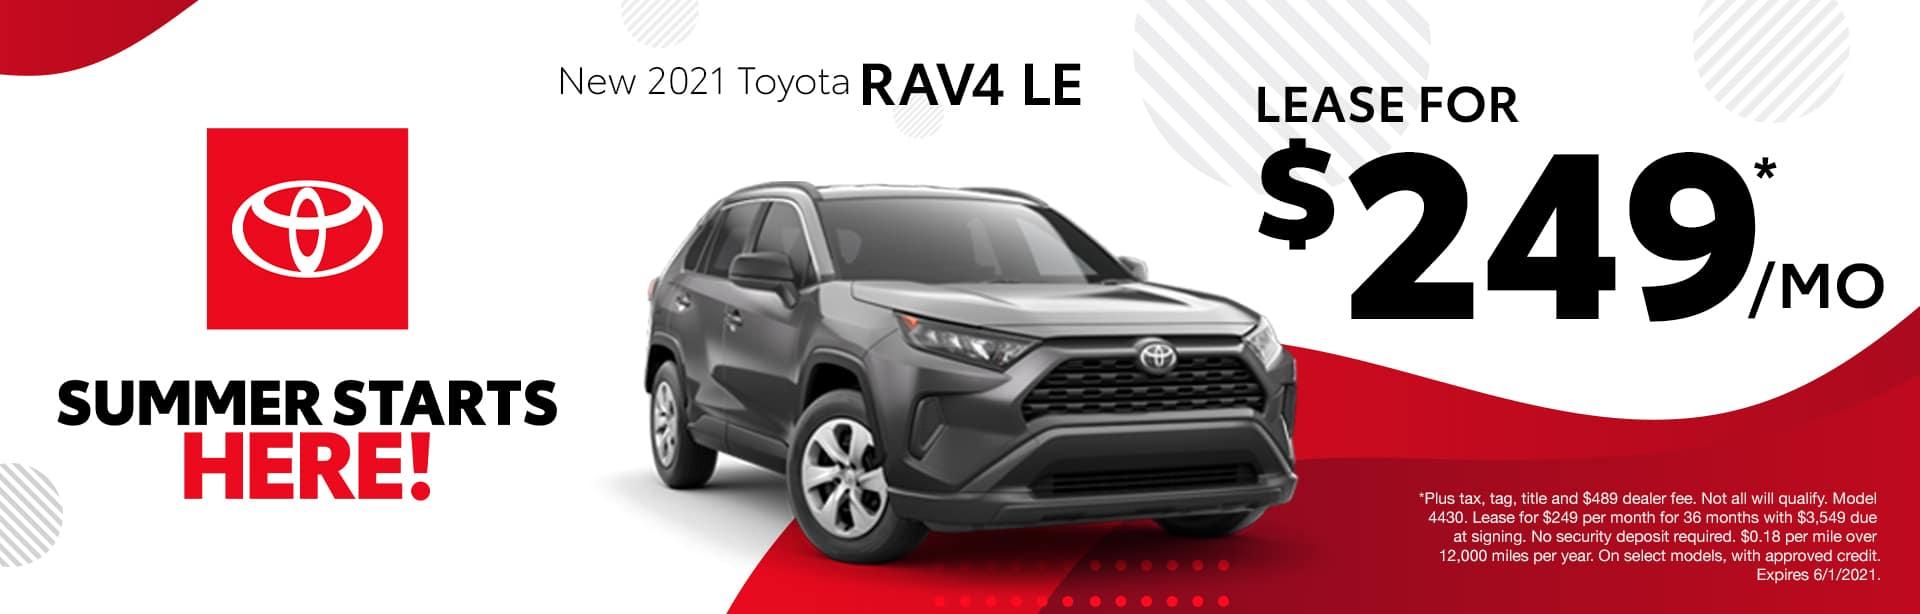 New 2021 Toyota RAV4 Albertville AL